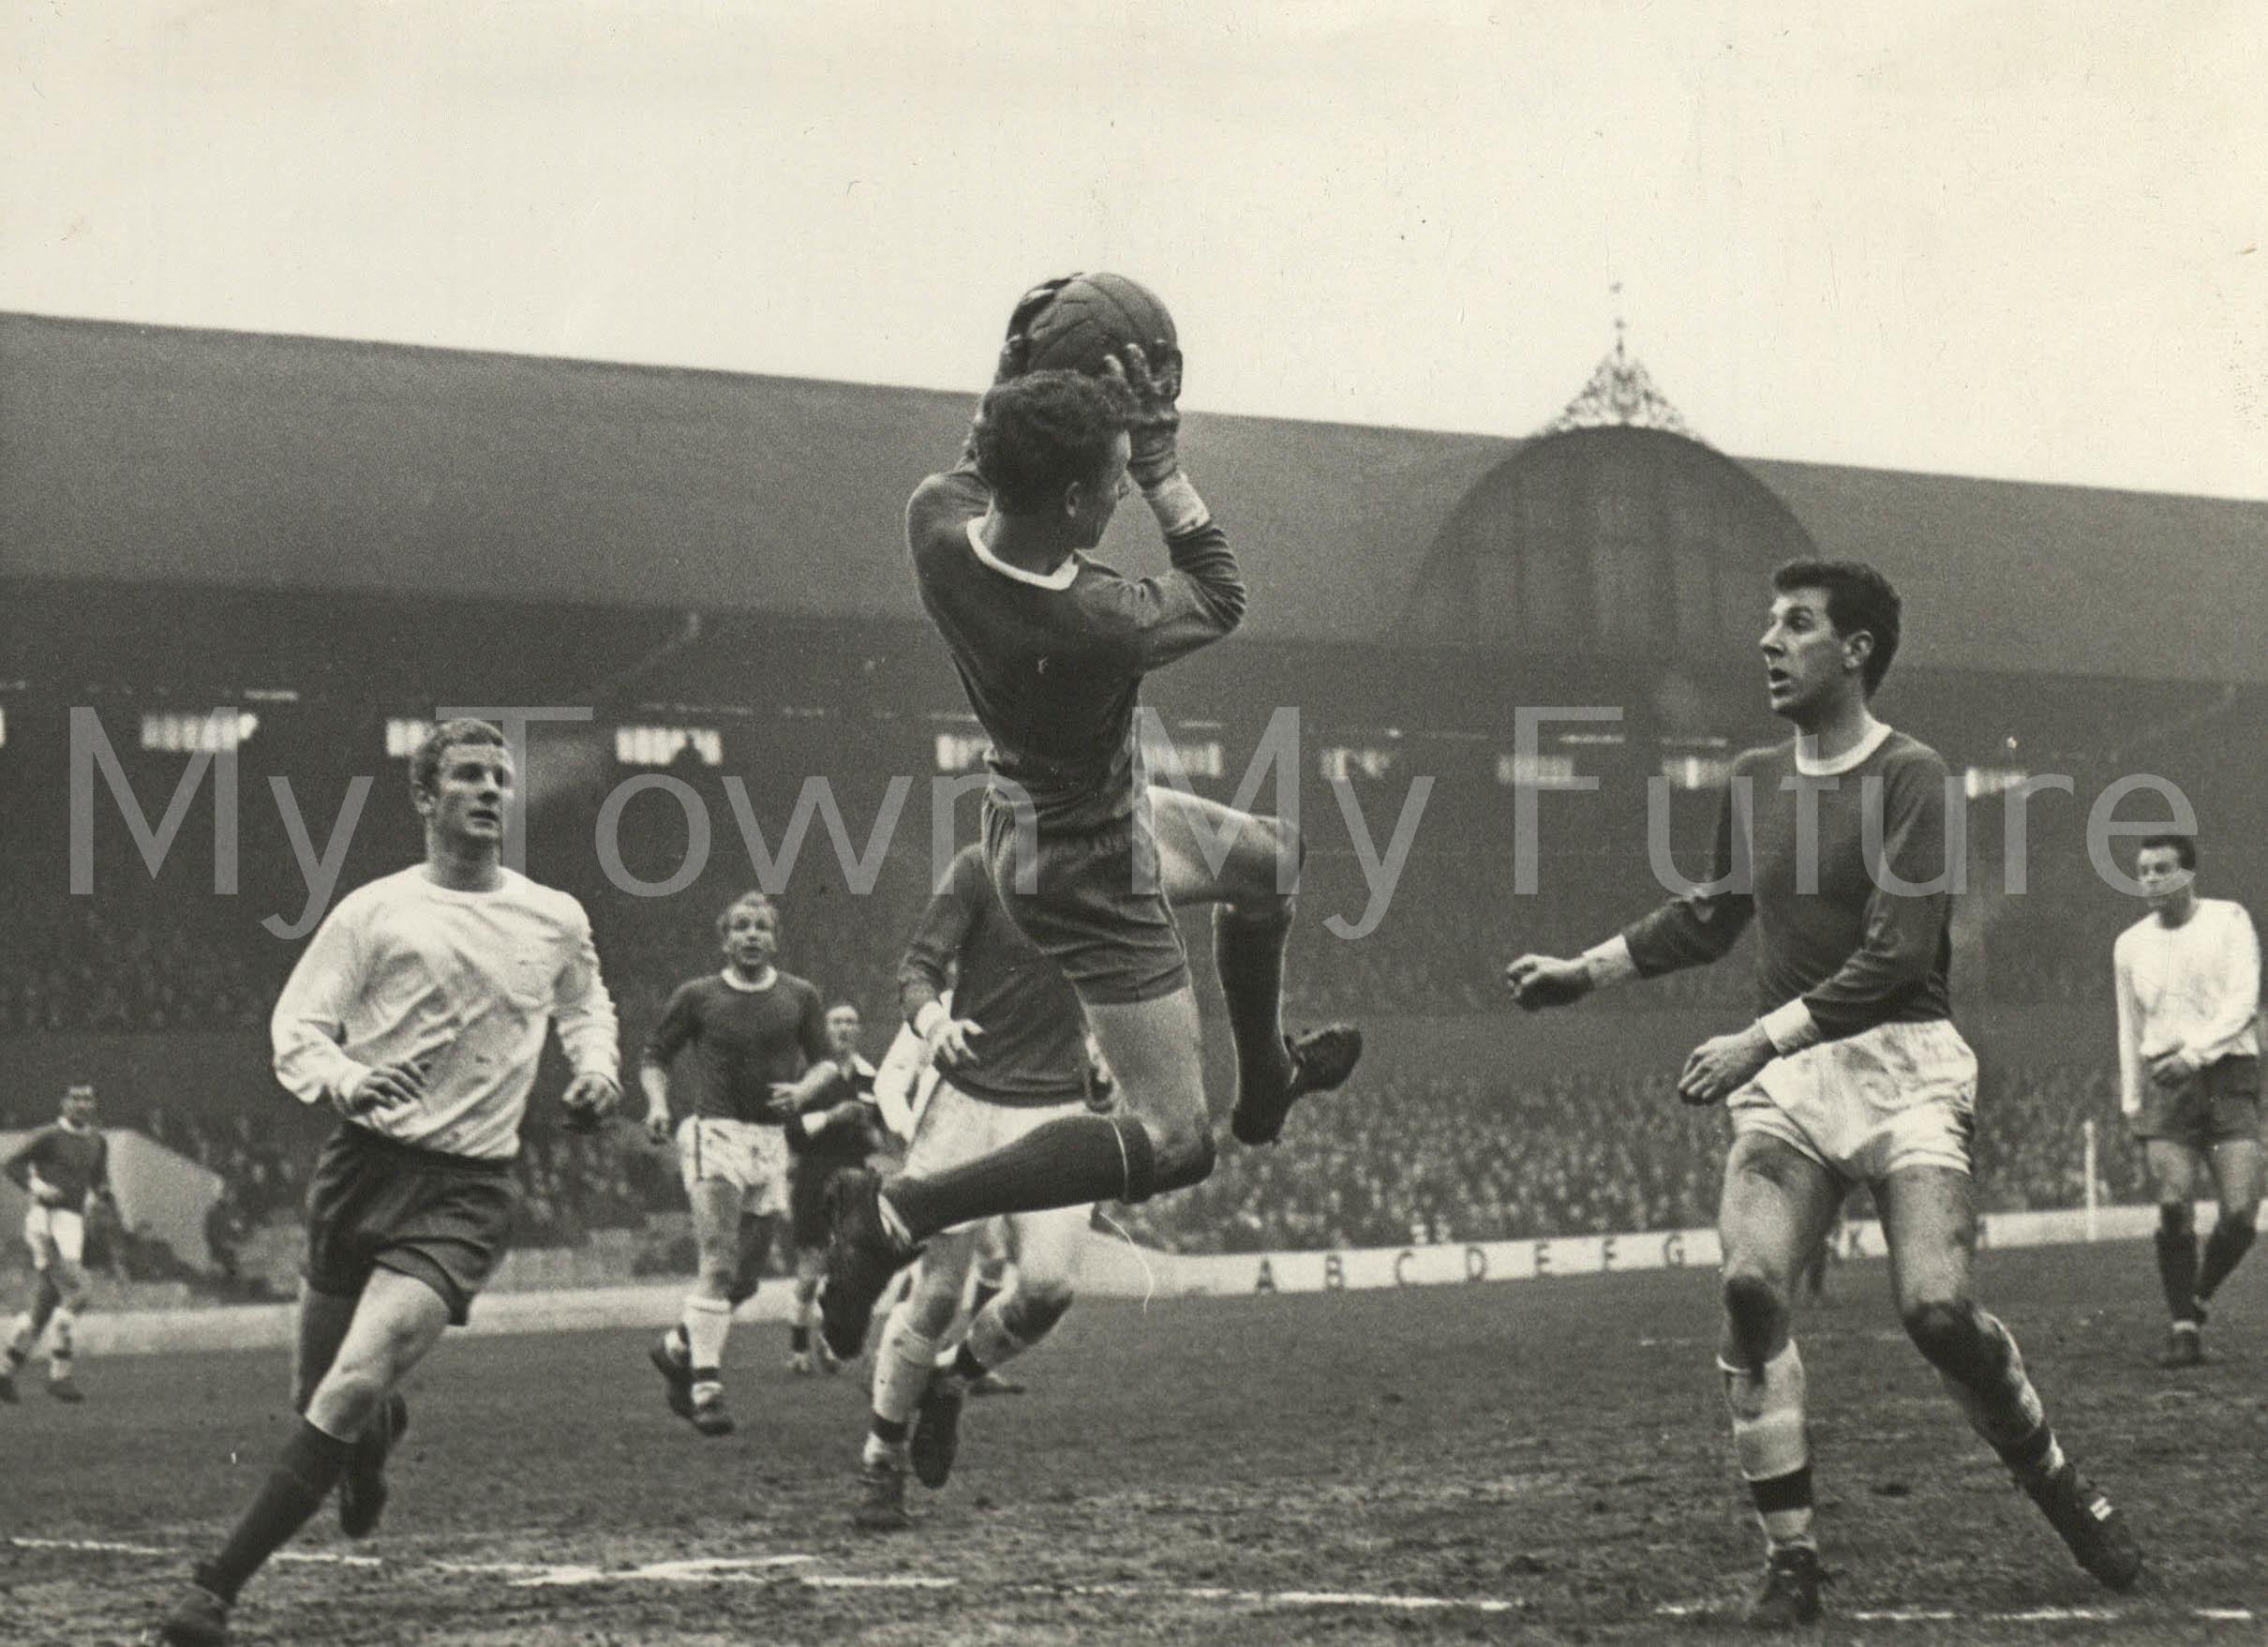 Middlesbrough Football Club v Bury